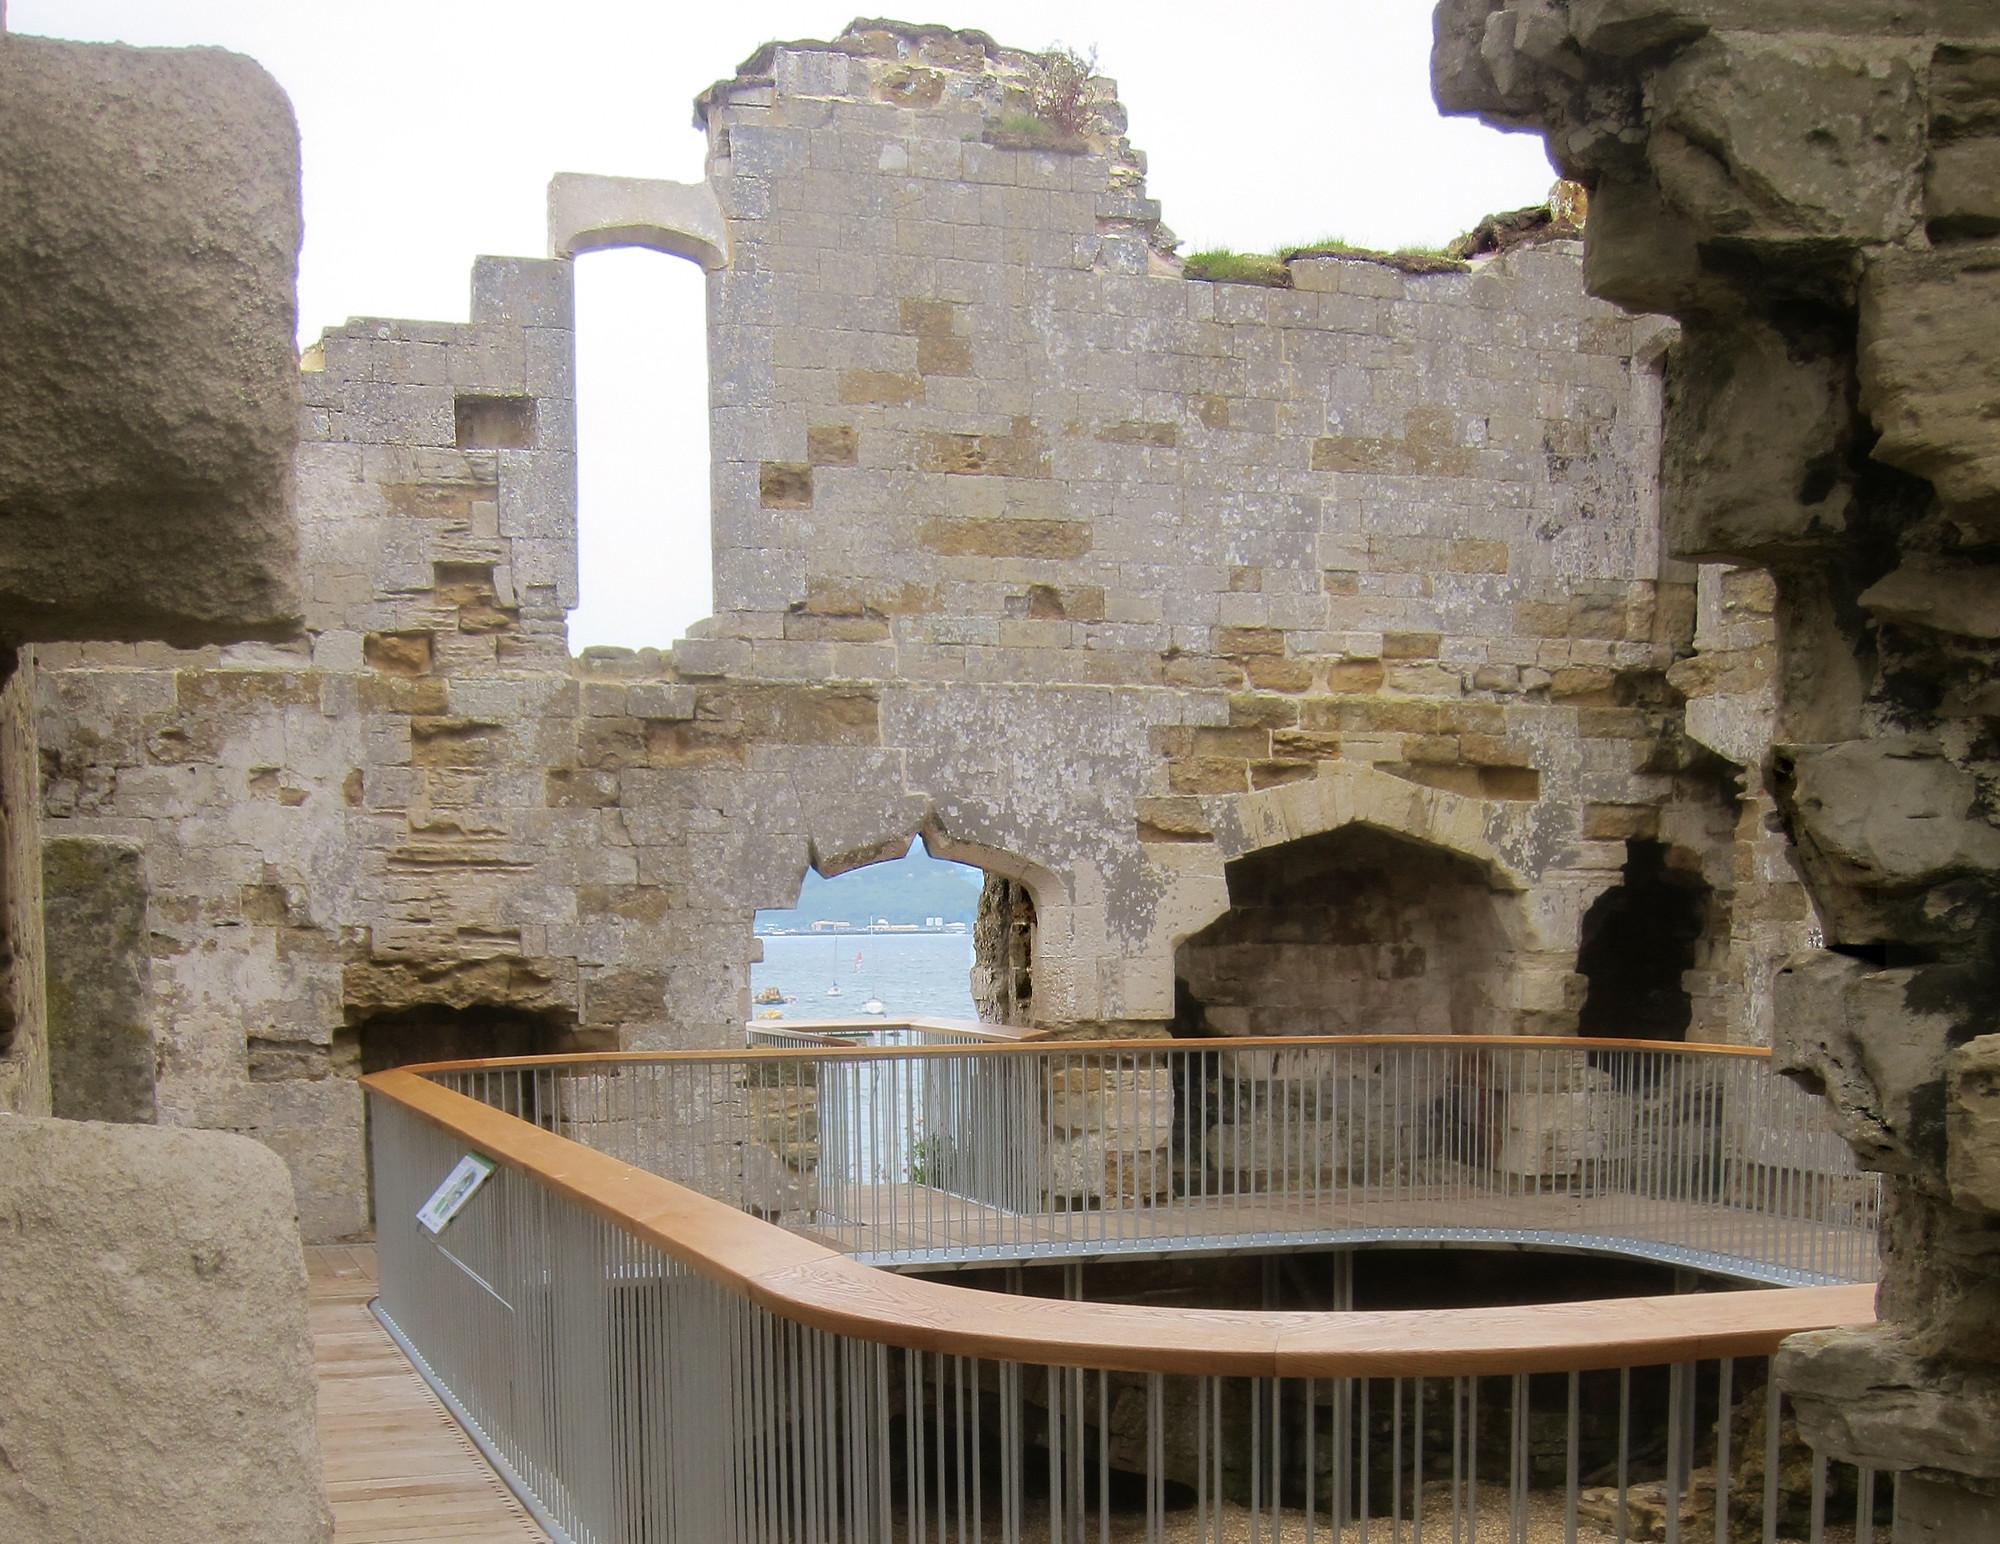 Arquitectura y Paisaje: un recorrido por las ruinas del Castillo Sandsfoot por Levitate, Courtesy of Levitate